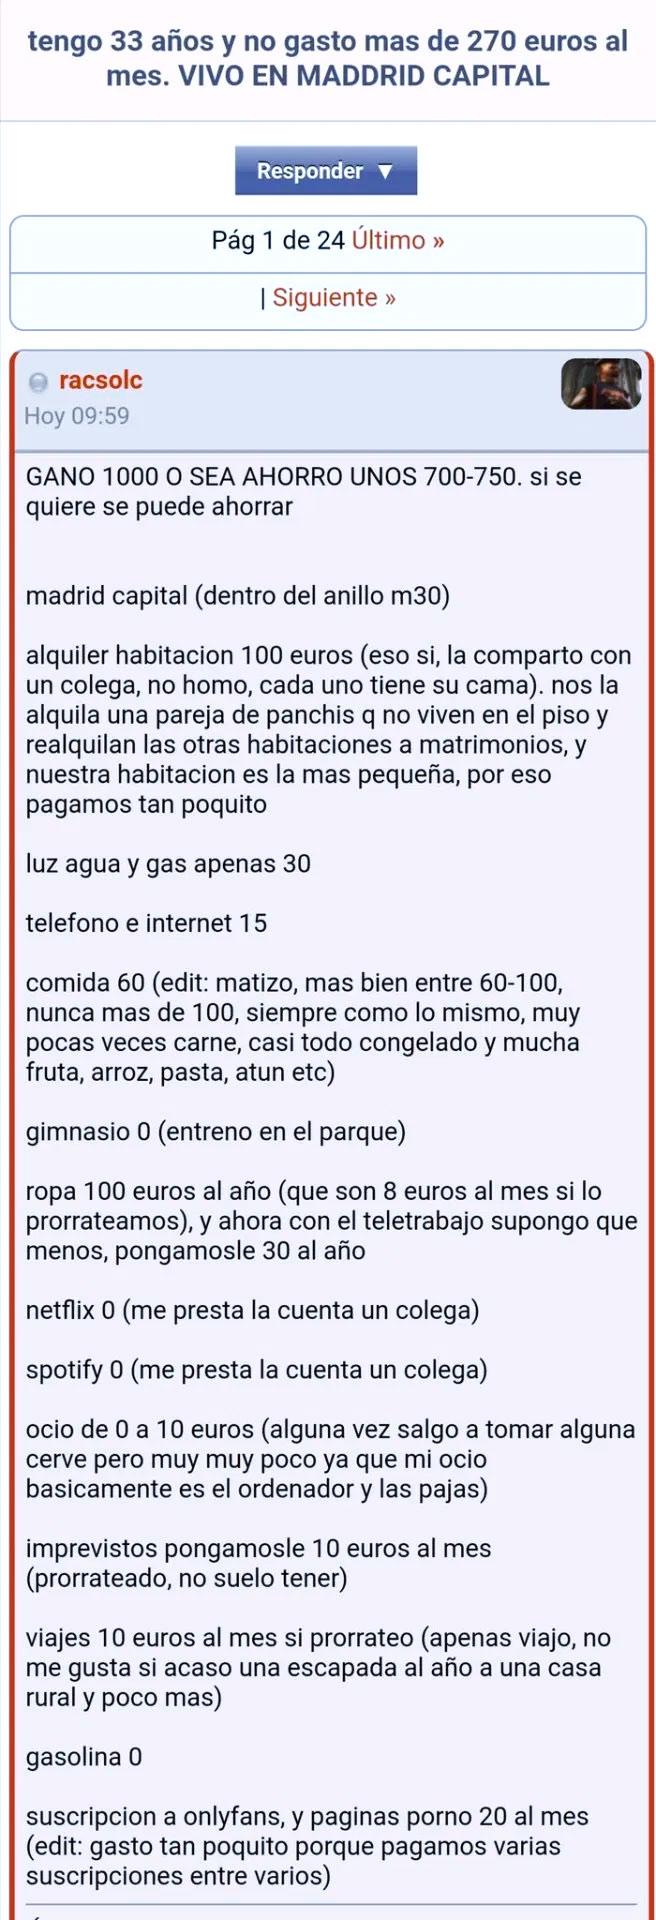 ''Tengo 33 años y no gasto más de 270 euros al mes. Vivo en Madrid capital. Si se quiere se puede ahorrar''